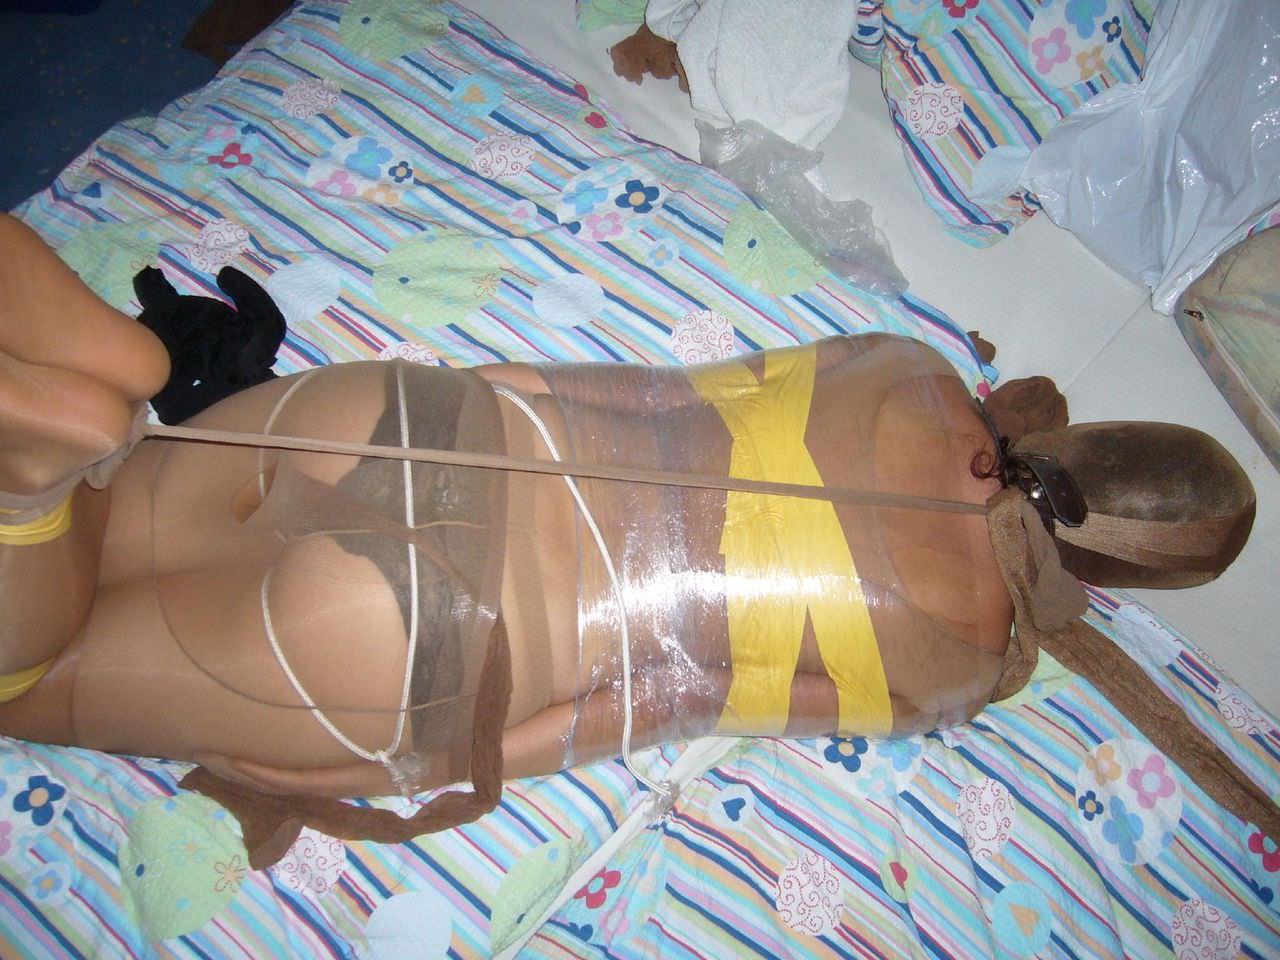 ラップに包まれ拘束されてる変態女子のSMエロ画像 6123